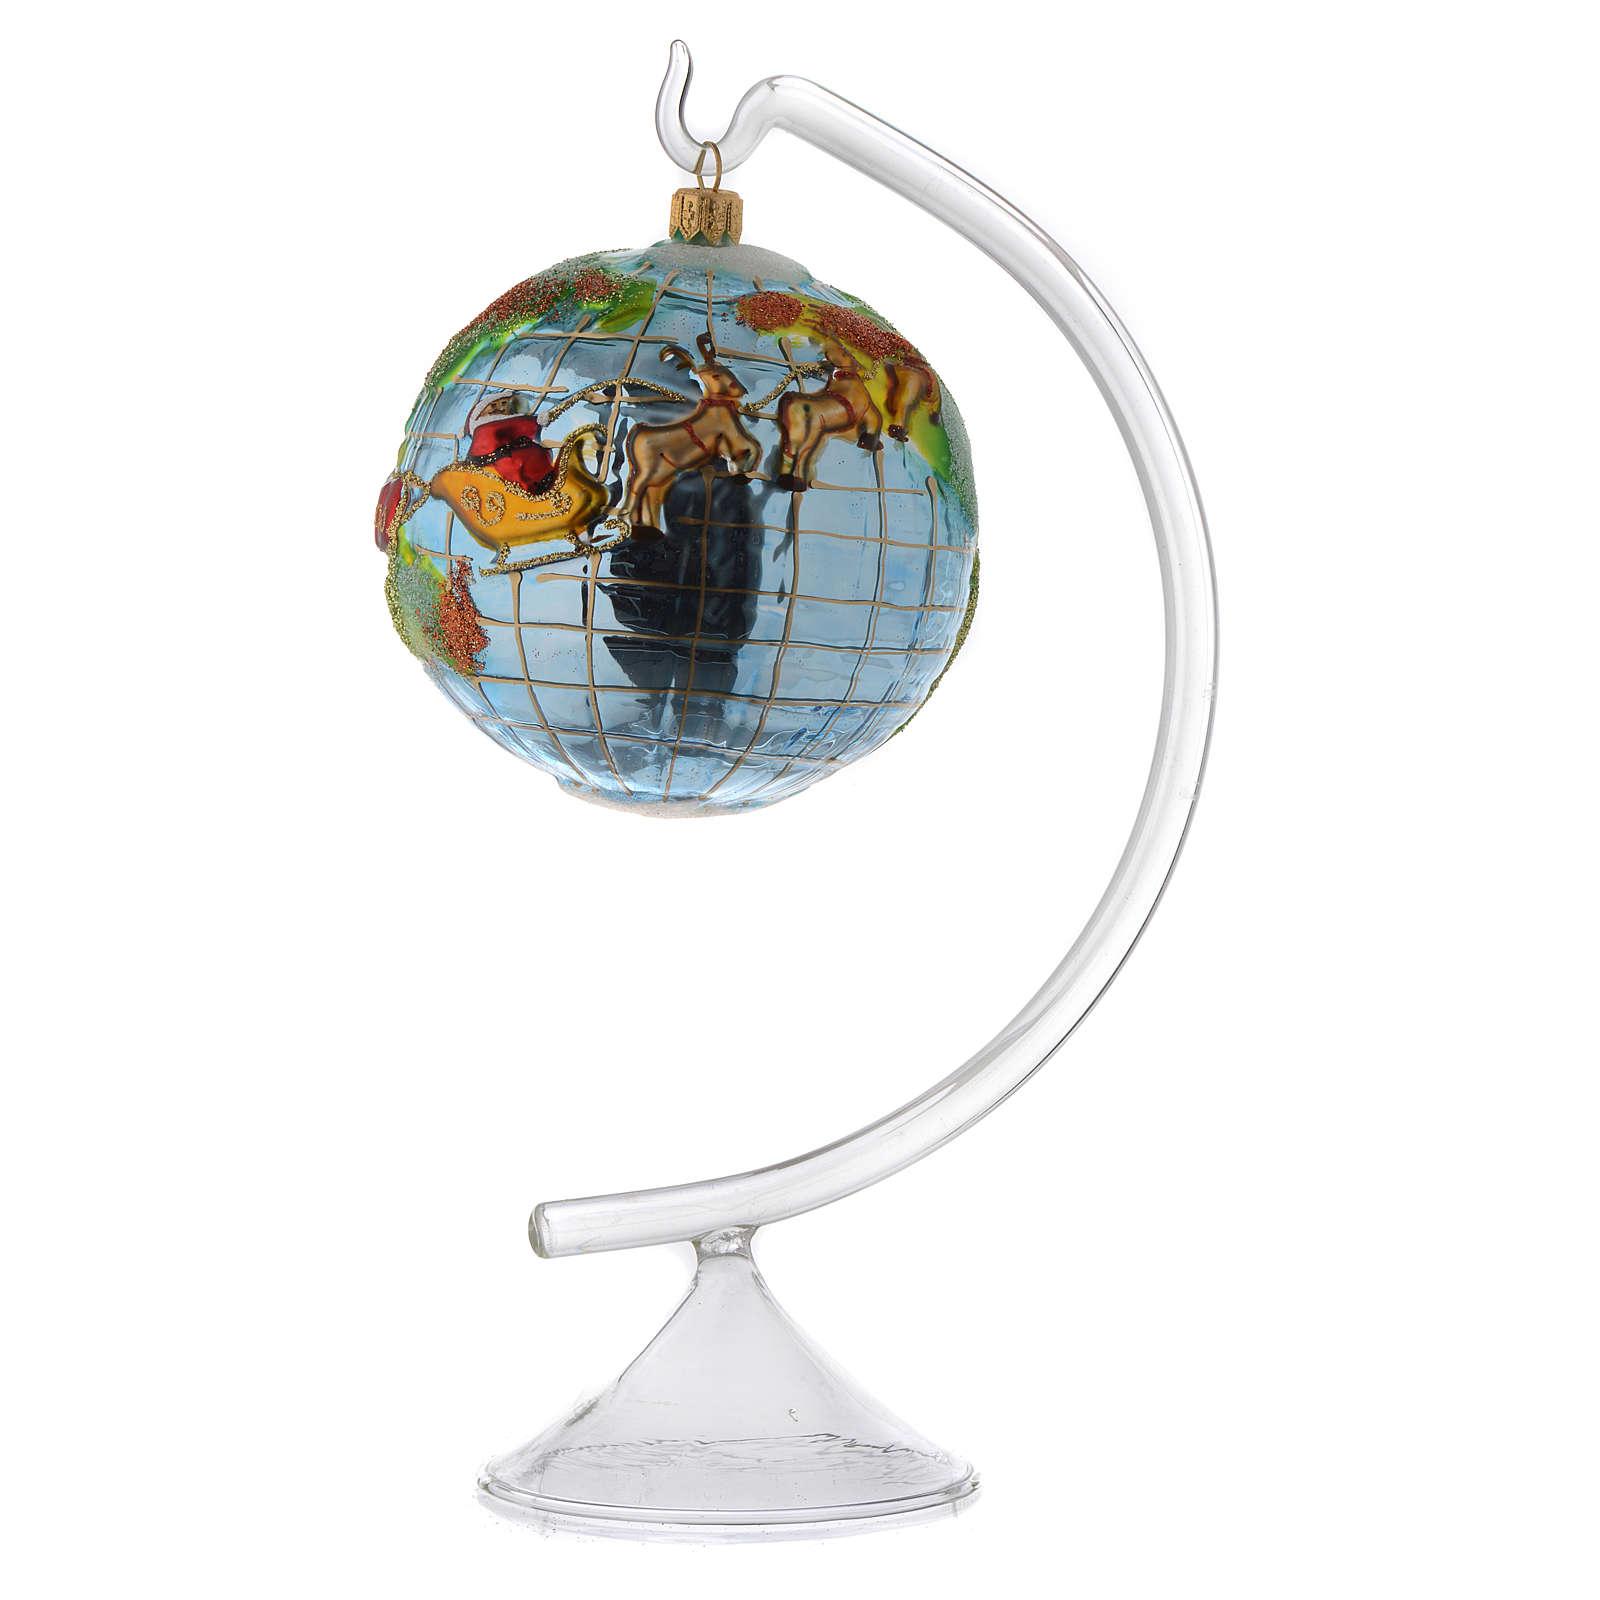 Base de vidrio para adornos y bolas para el Árbol de Navidad 4